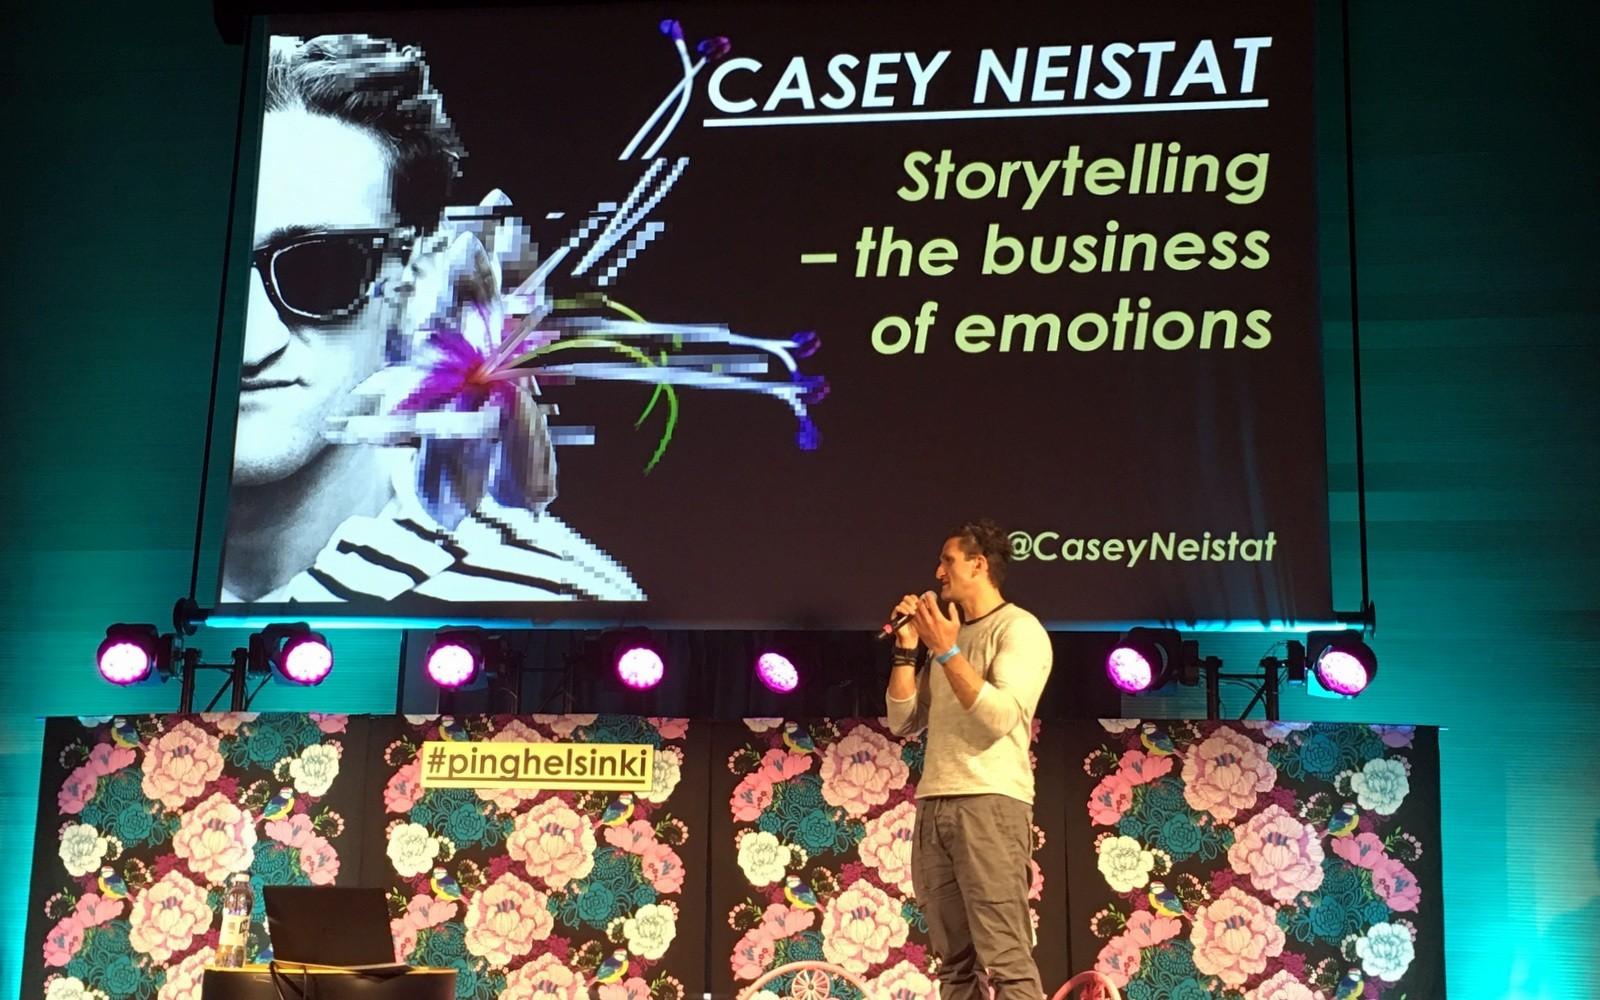 #pinghelsinki 2017 Casey Neistat